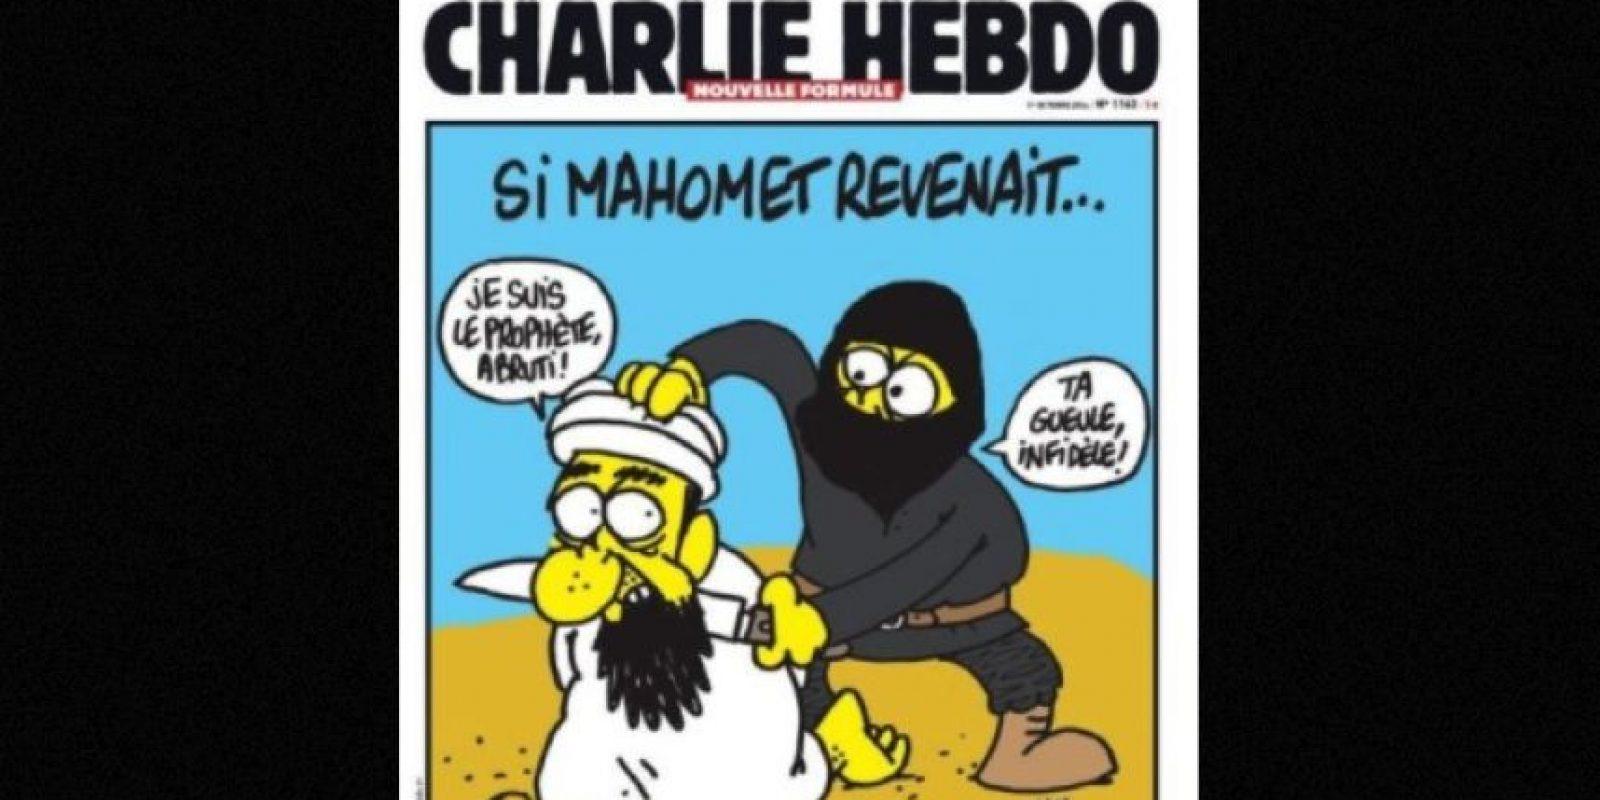 Pero sus portadas en las que aparecía el profeta Mahoma eran las que causaban más polémica Foto:Vía: www.facebook.com/CharlieHebdoOfficiel